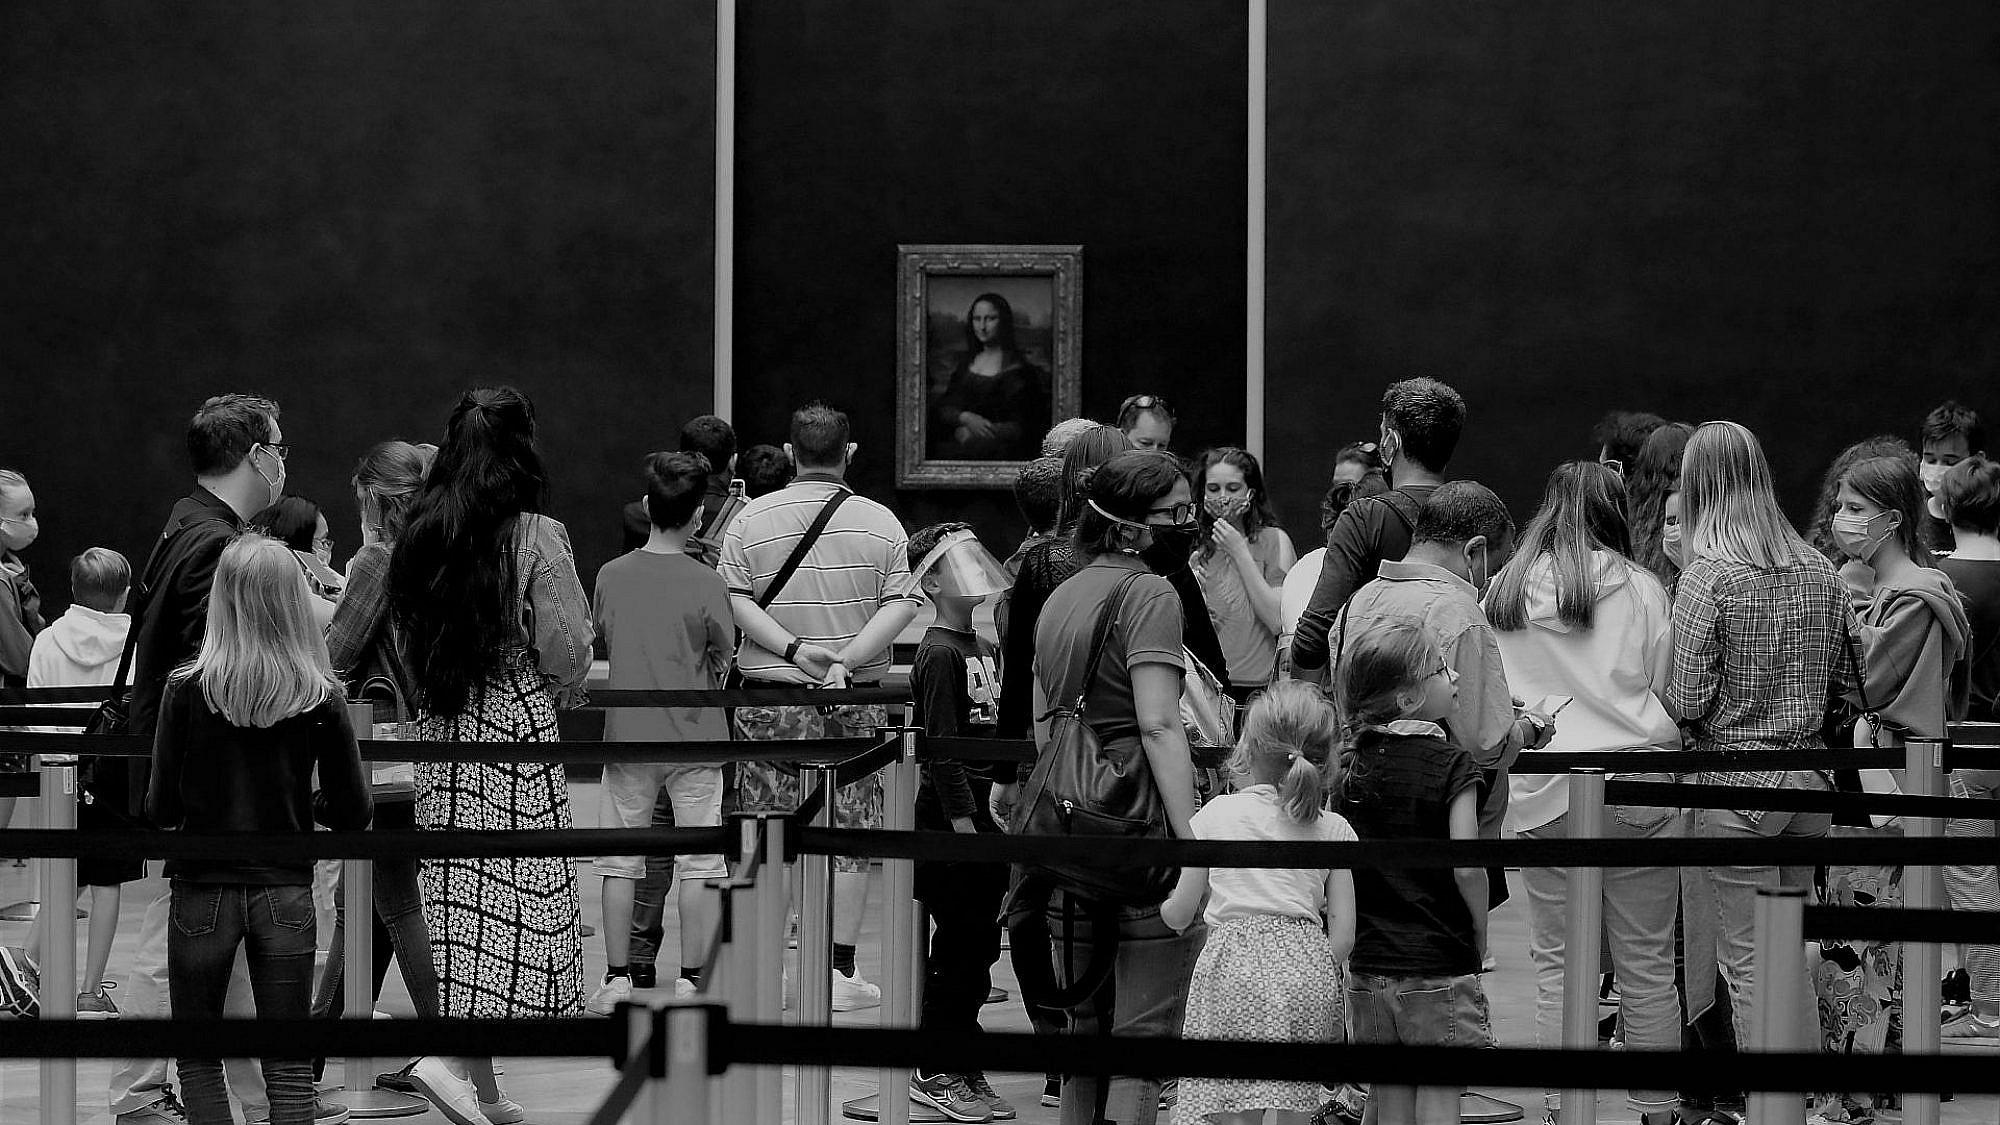 עולם ללא תרבות. המונה ליזה במוזיאון הלובר עם פתיחתו מחדש ביולי (צילום: גטי אימג'ס)